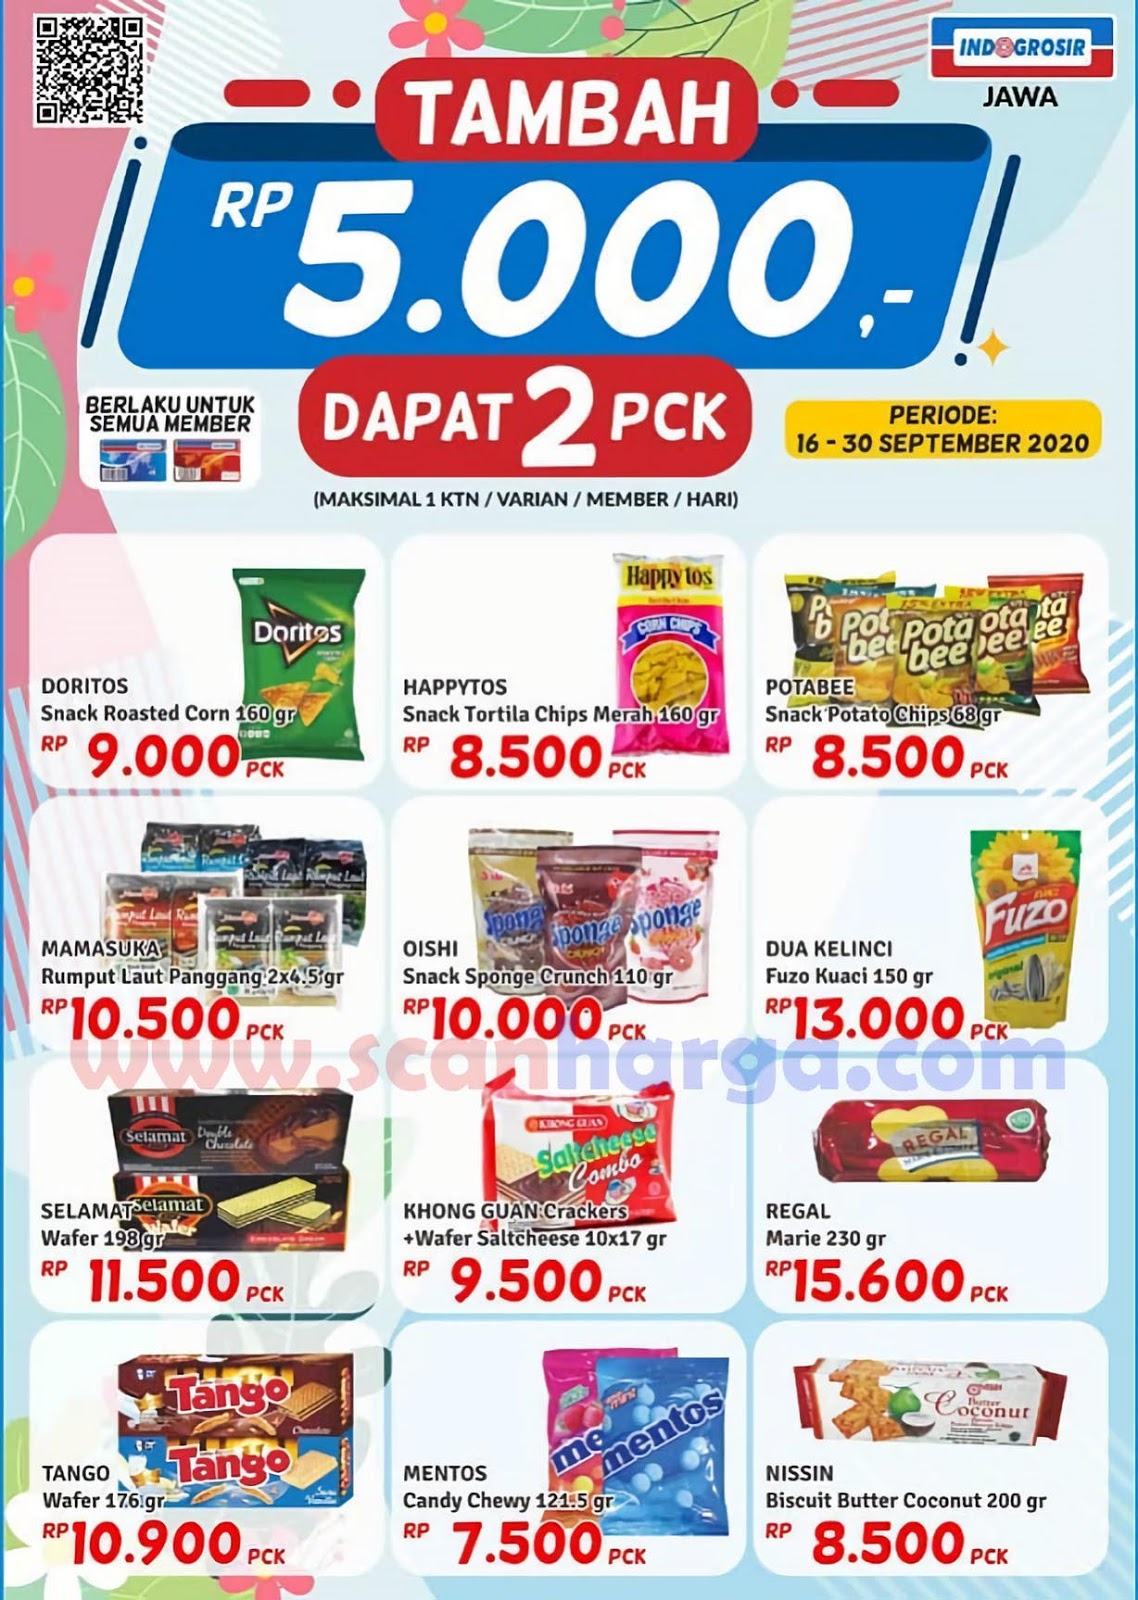 Promo INDOGROSIR Tambah +Rp 5.000 Dapat 2 PCK Periode 16 - 30 September 2020